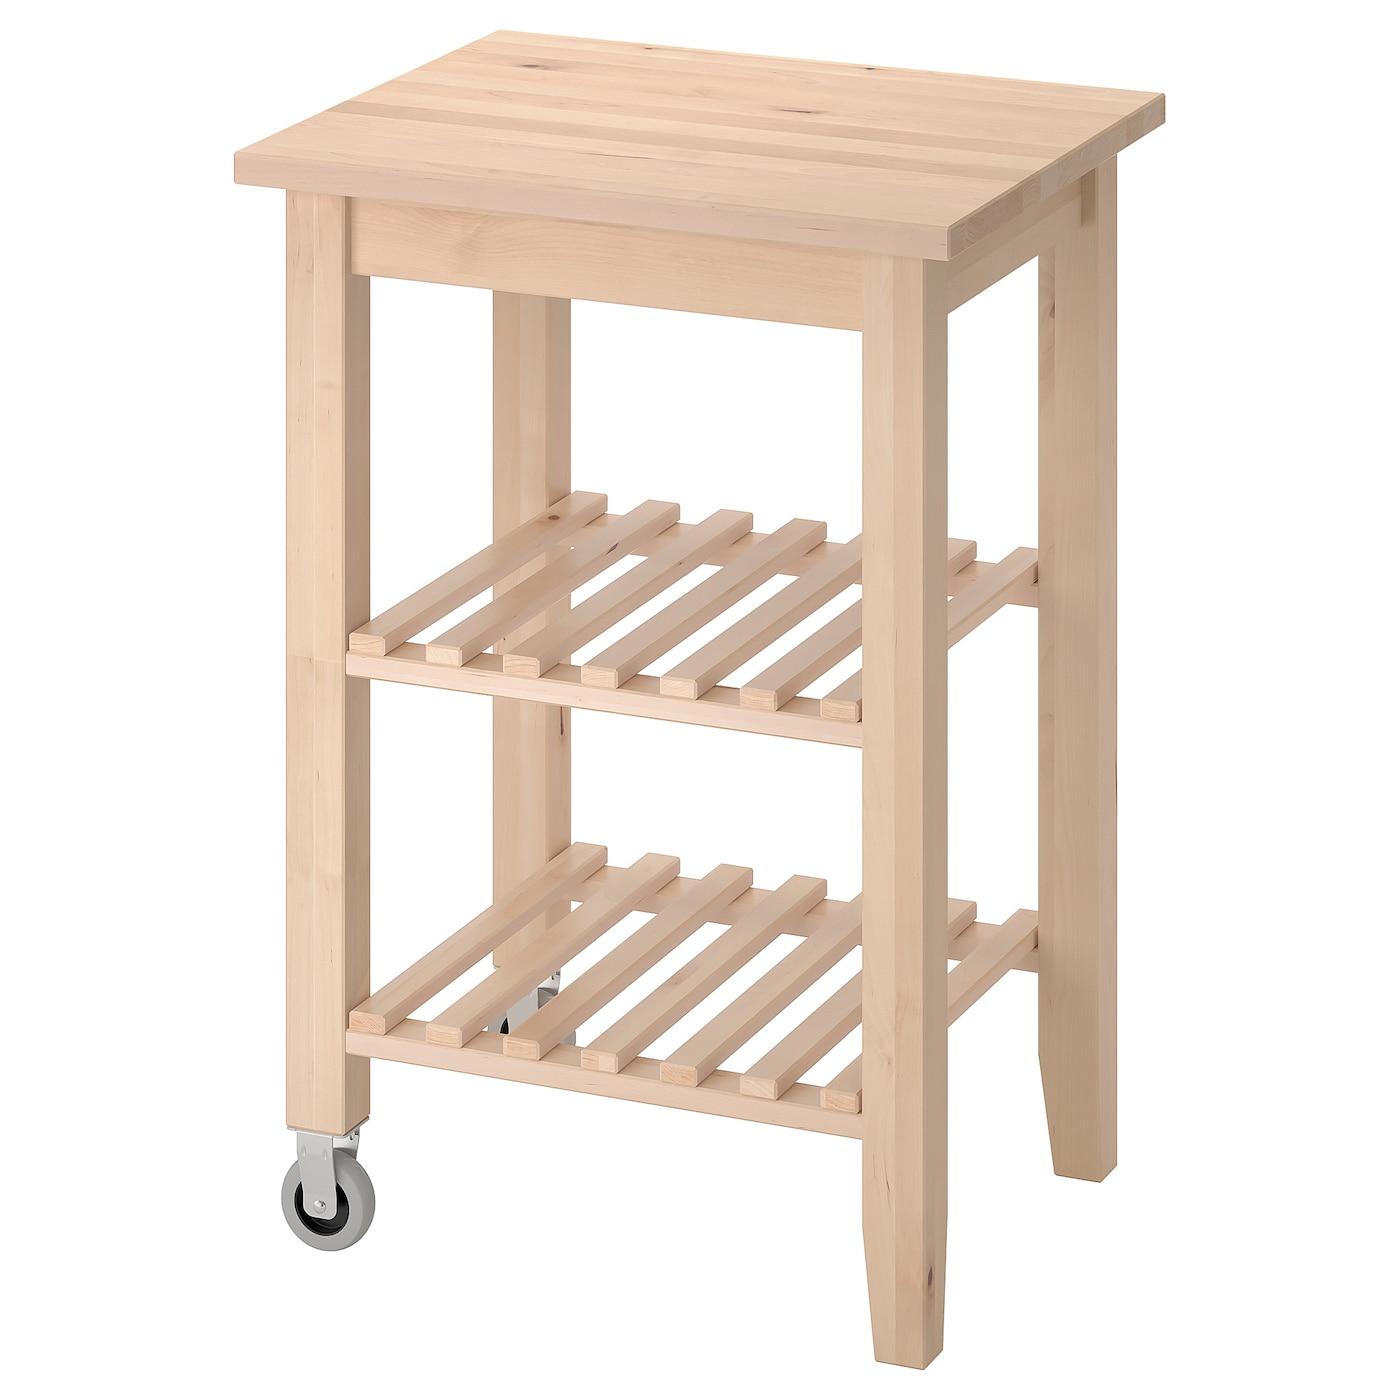 Full Size of Grillwagen Ikea Modulküche Küche Kosten Kaufen Sofa Mit Schlaffunktion Miniküche Betten Bei 160x200 Wohnzimmer Grillwagen Ikea